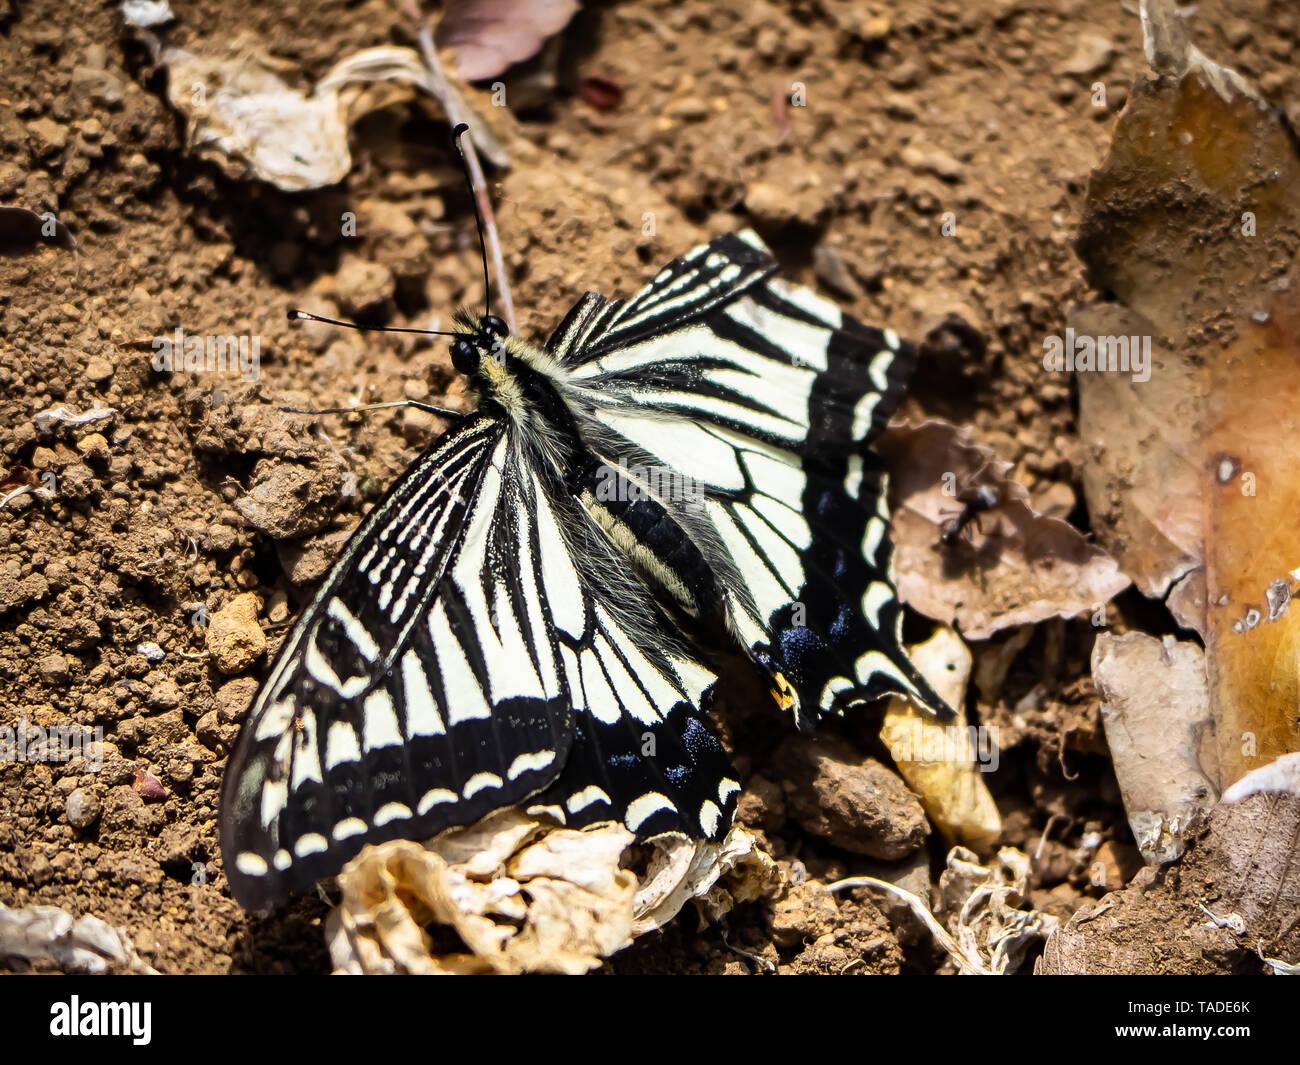 Una especie asiática china, mariposas papilio xuthus, descansa sobre el suelo entre alimentándose de flores. Foto de stock